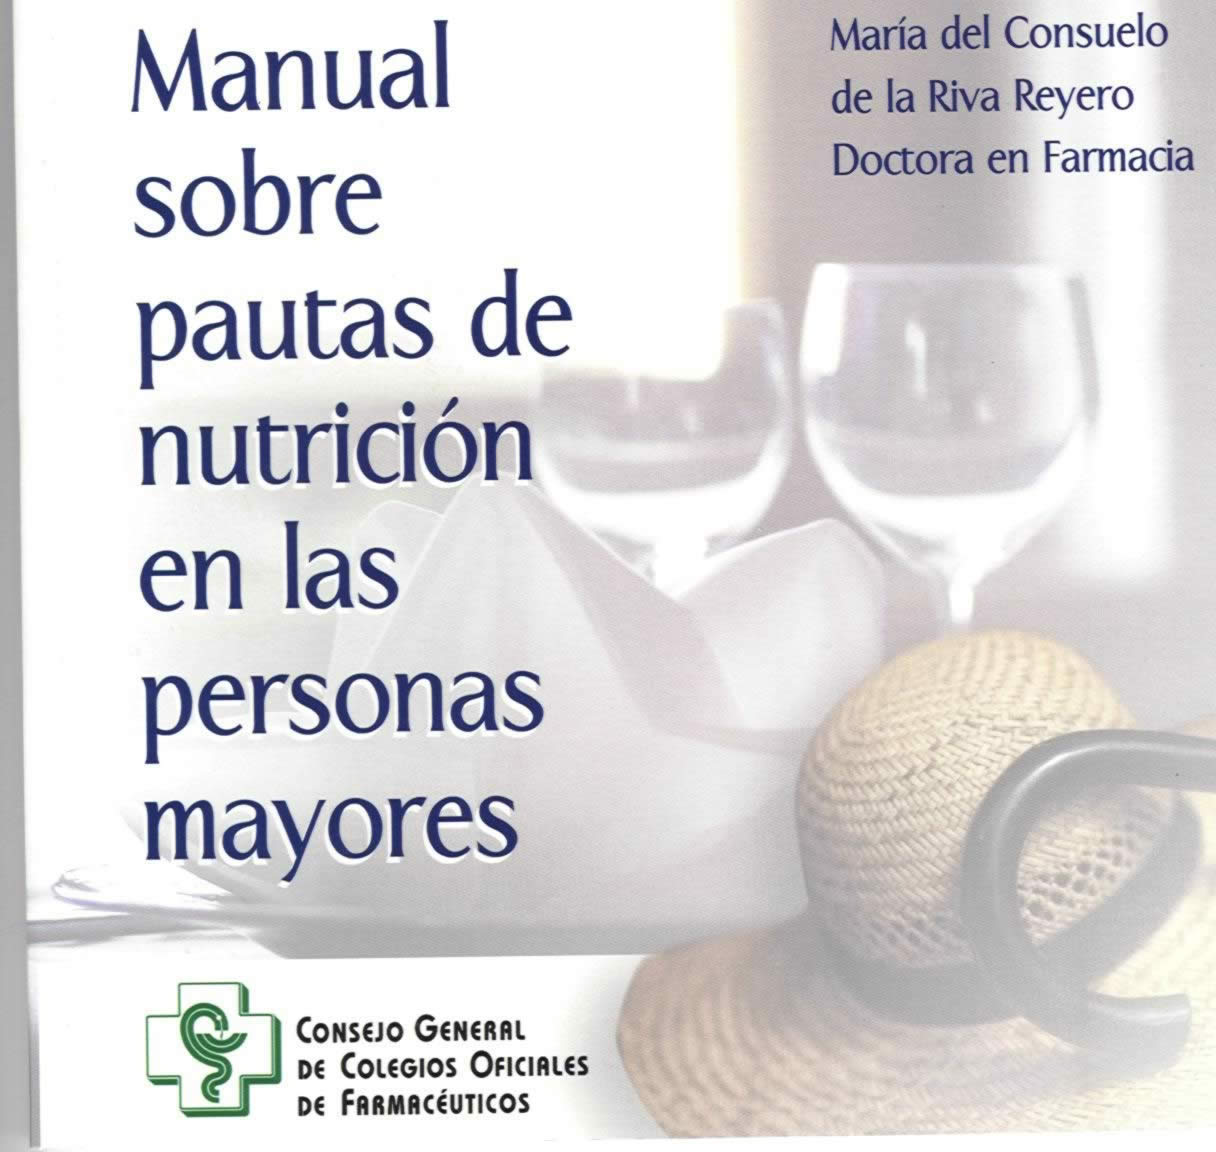 Manual sobre pautas de nutrición en las personas mayores